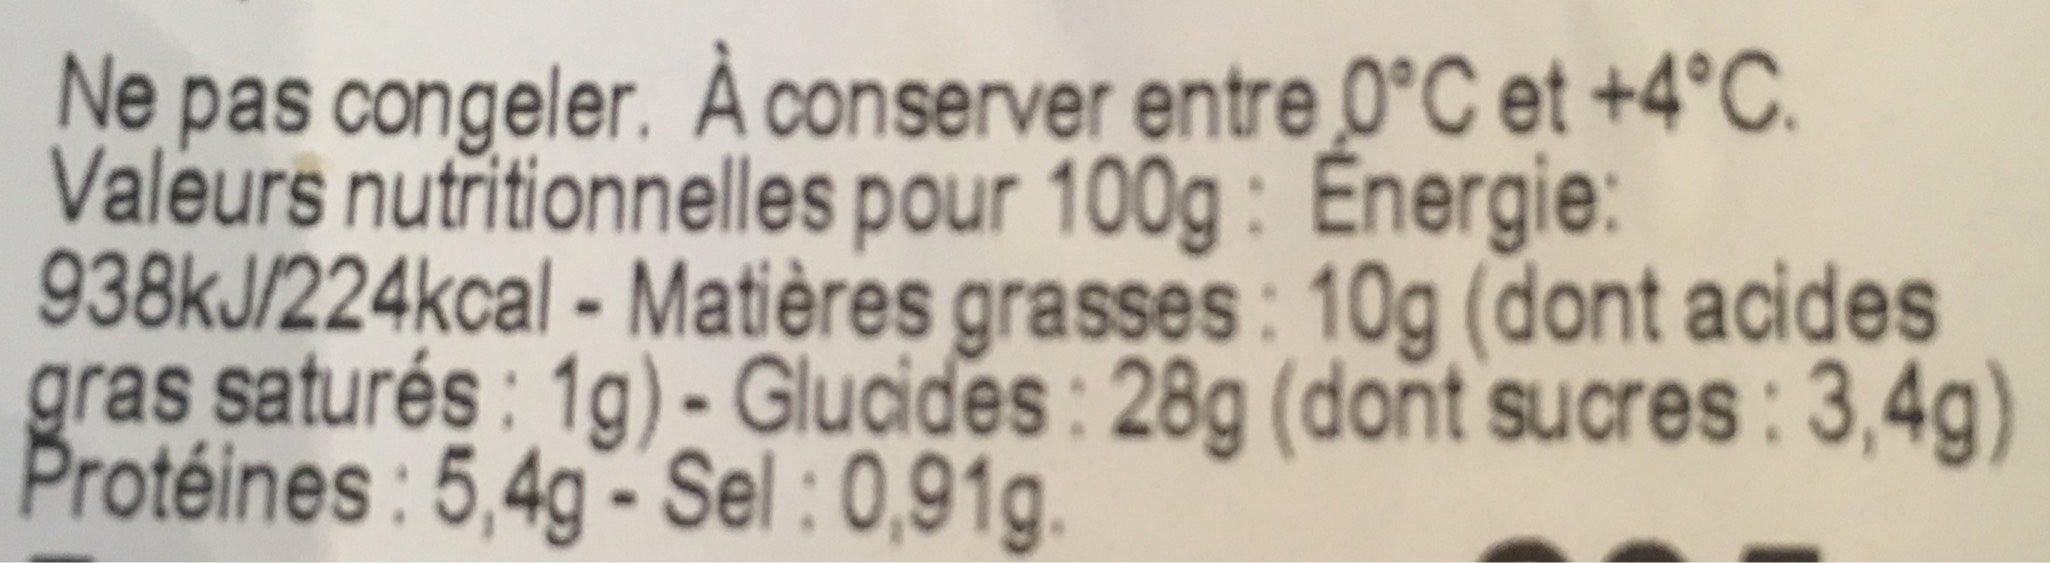 Wraps falafel & menthe - Informations nutritionnelles - fr